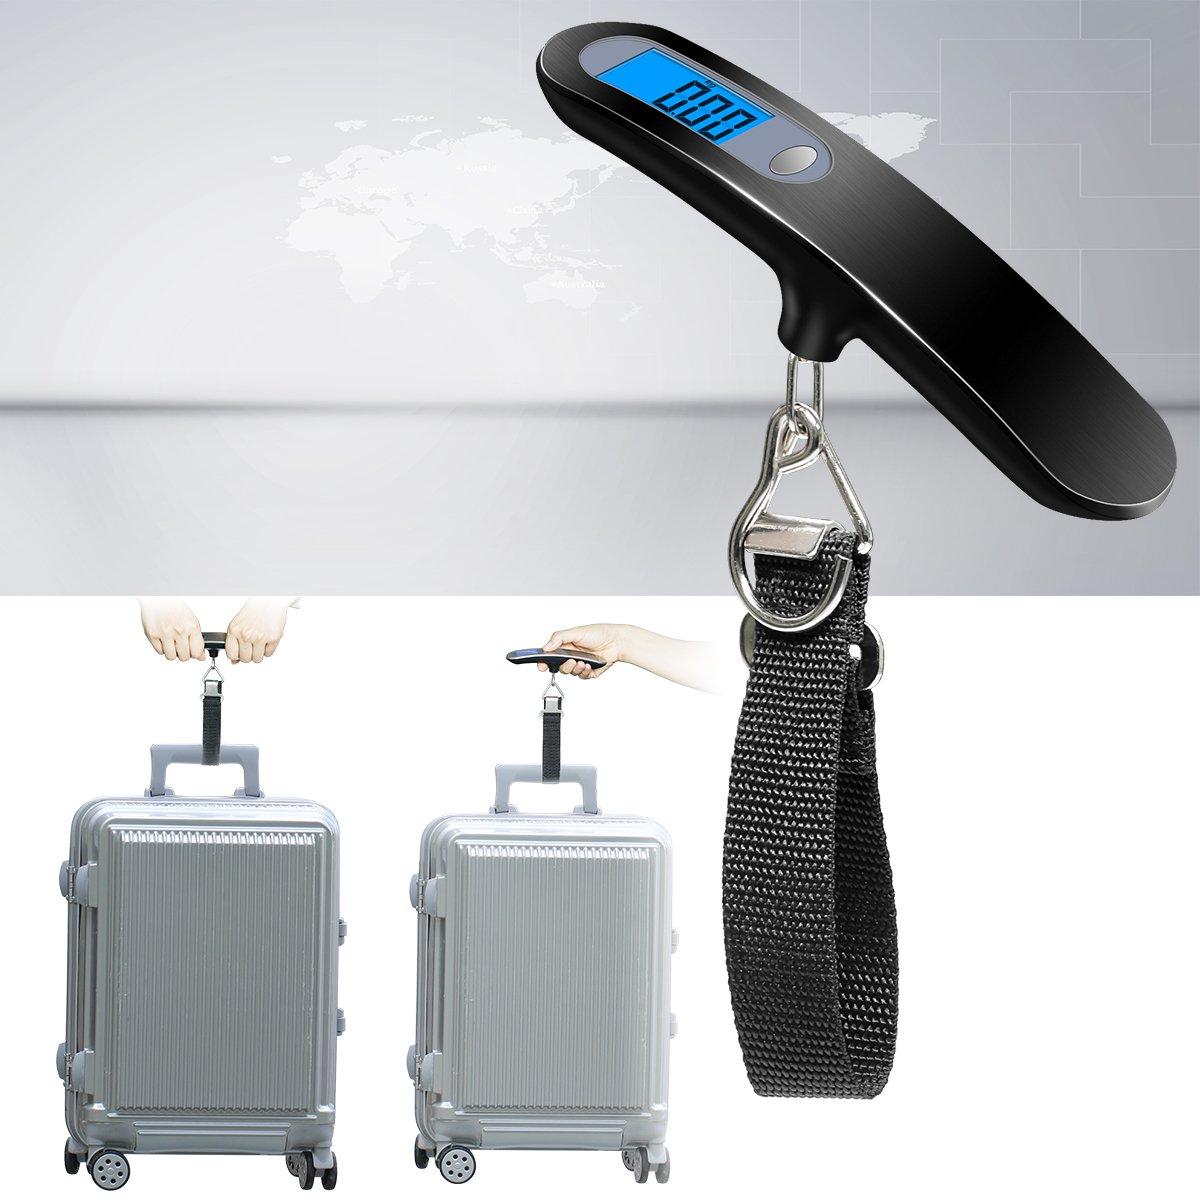 B/áscula de Equipaje,Balanza Ergon/ómica LCD B/áscula wellead B/áscula Pesca Digital 50Kg para Maletas Equipaje de Viaje B/áscula Negra